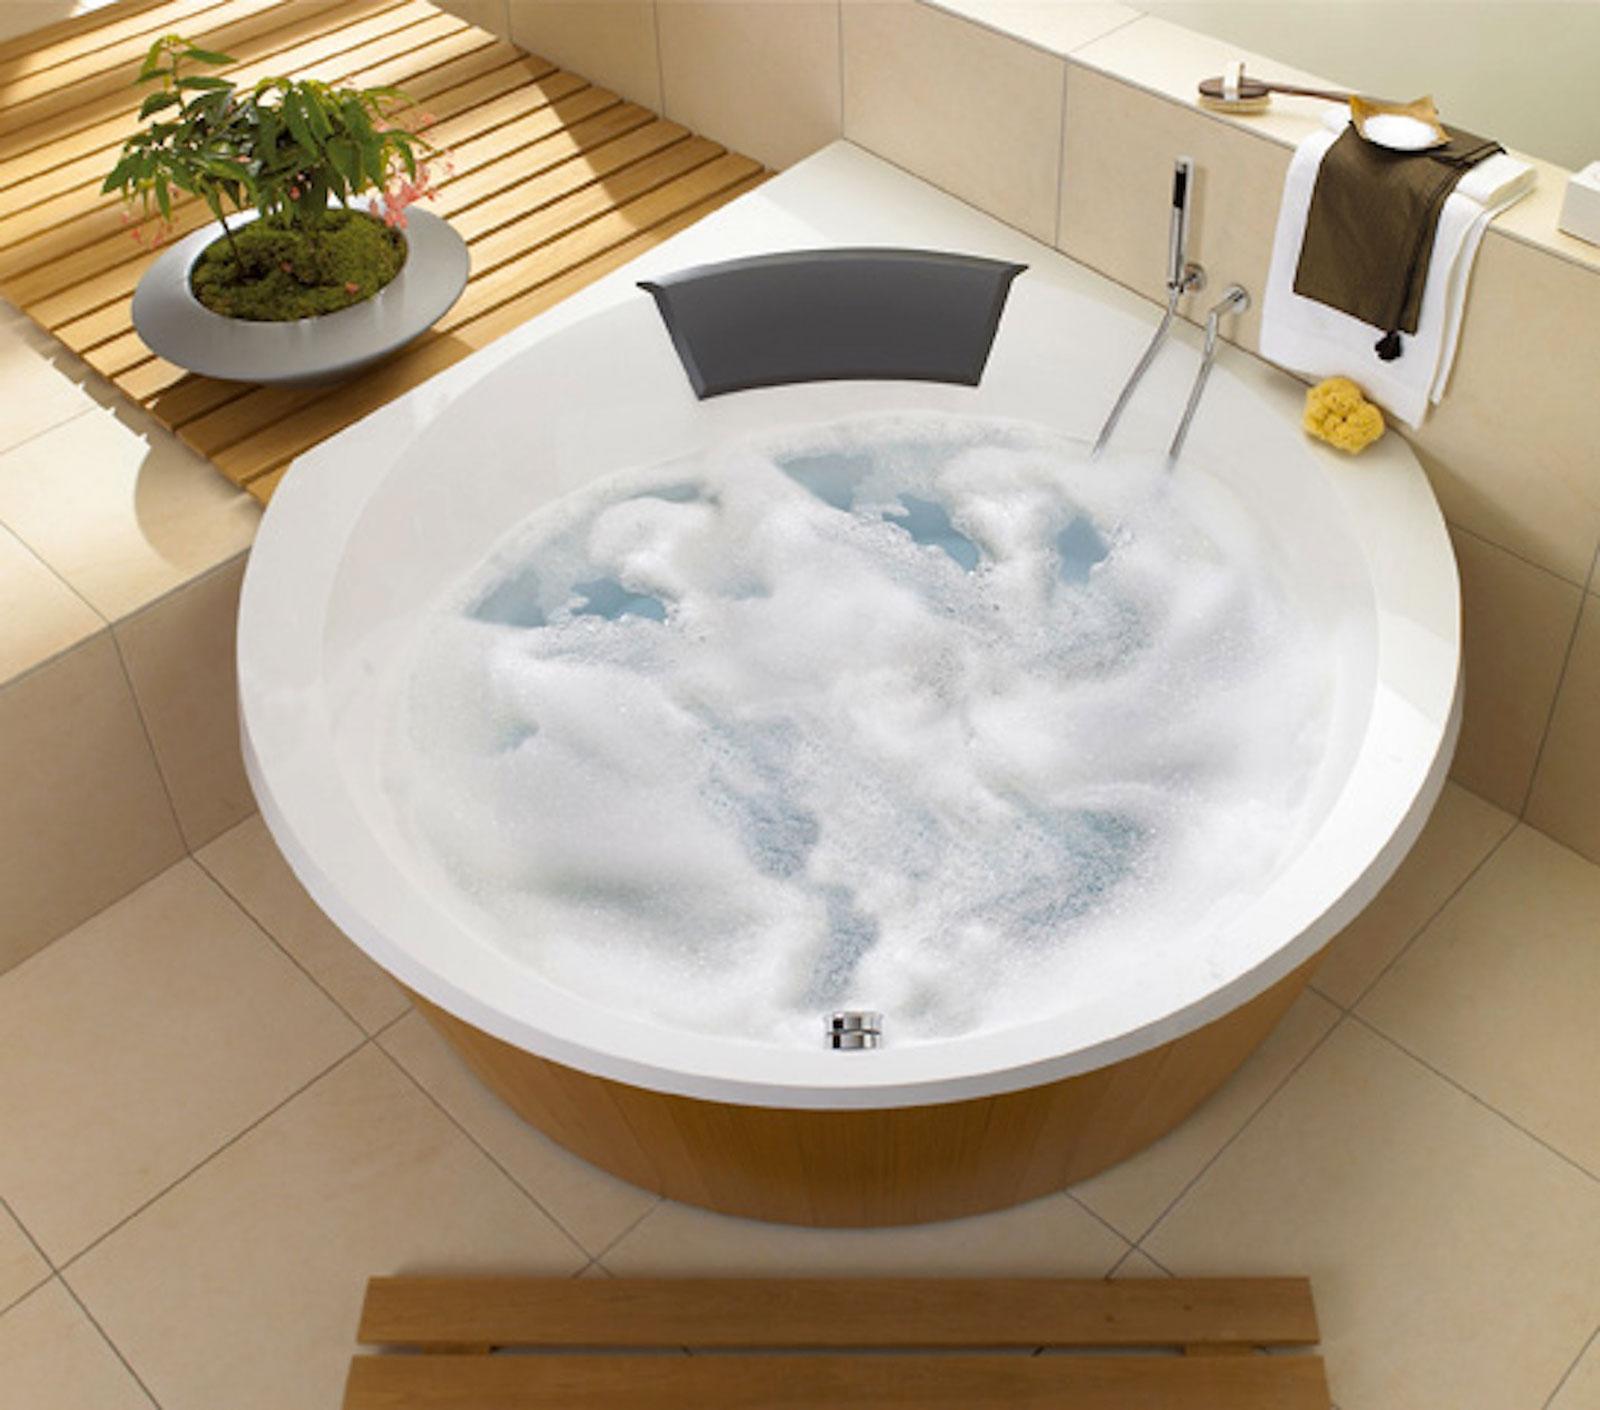 Schiuma l 39 eco di san gabriele - Marche vasche da bagno ...